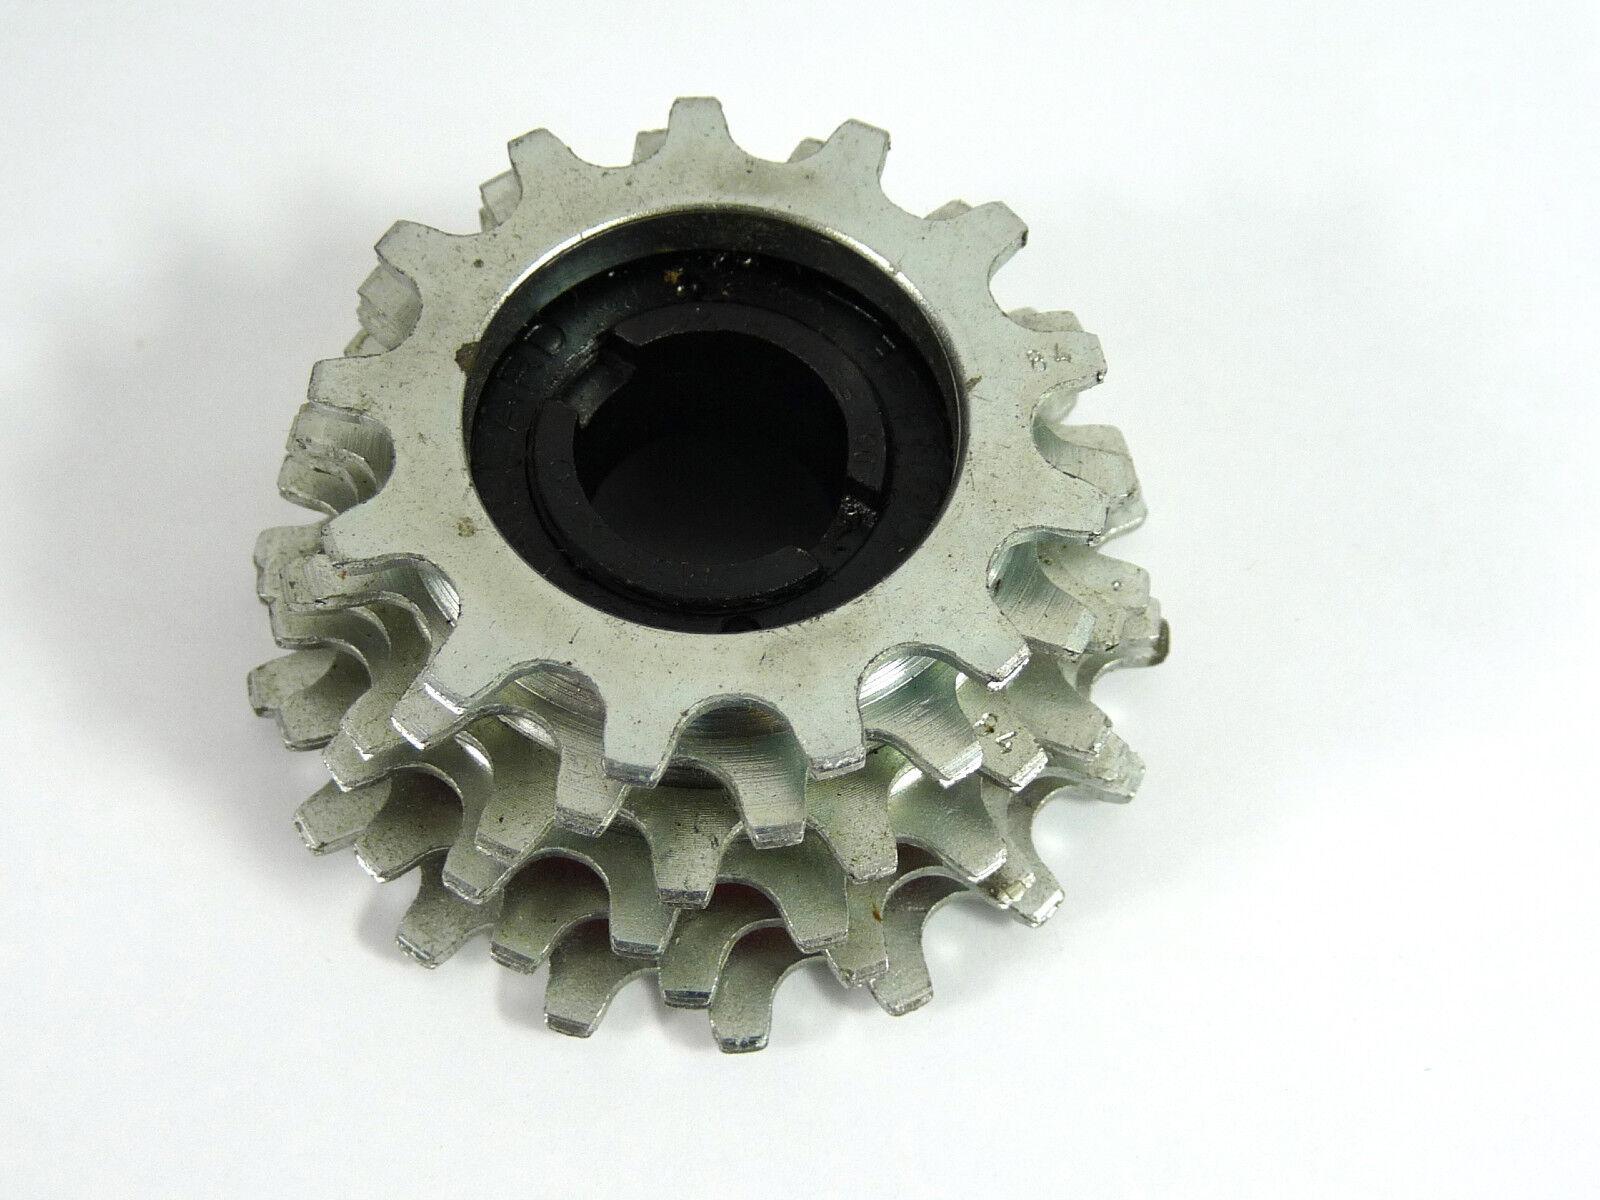 MAILLARD 6 Speed FRENCH THREADED Freewheel 1984  13-14-15-16-17-18 NOS  convenient